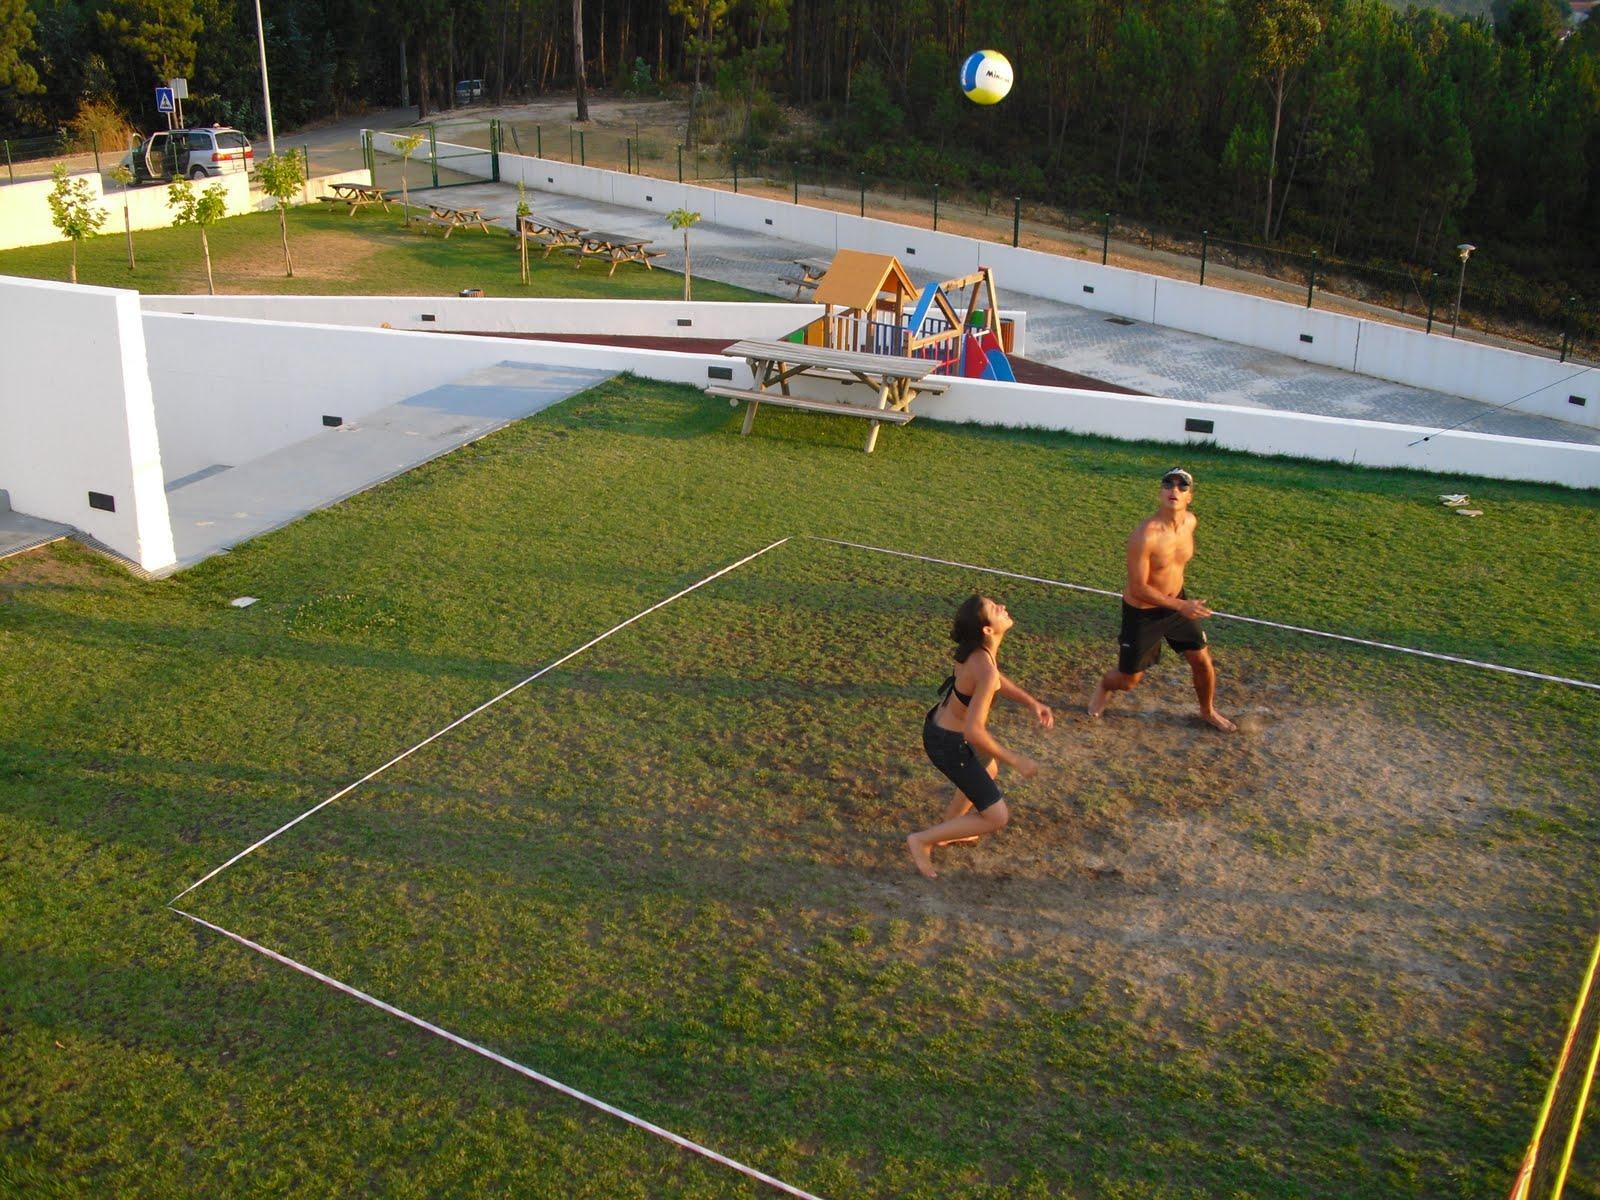 Piscinas municipais de oleiros torneio de voleibol for Piscina municipal oleiros